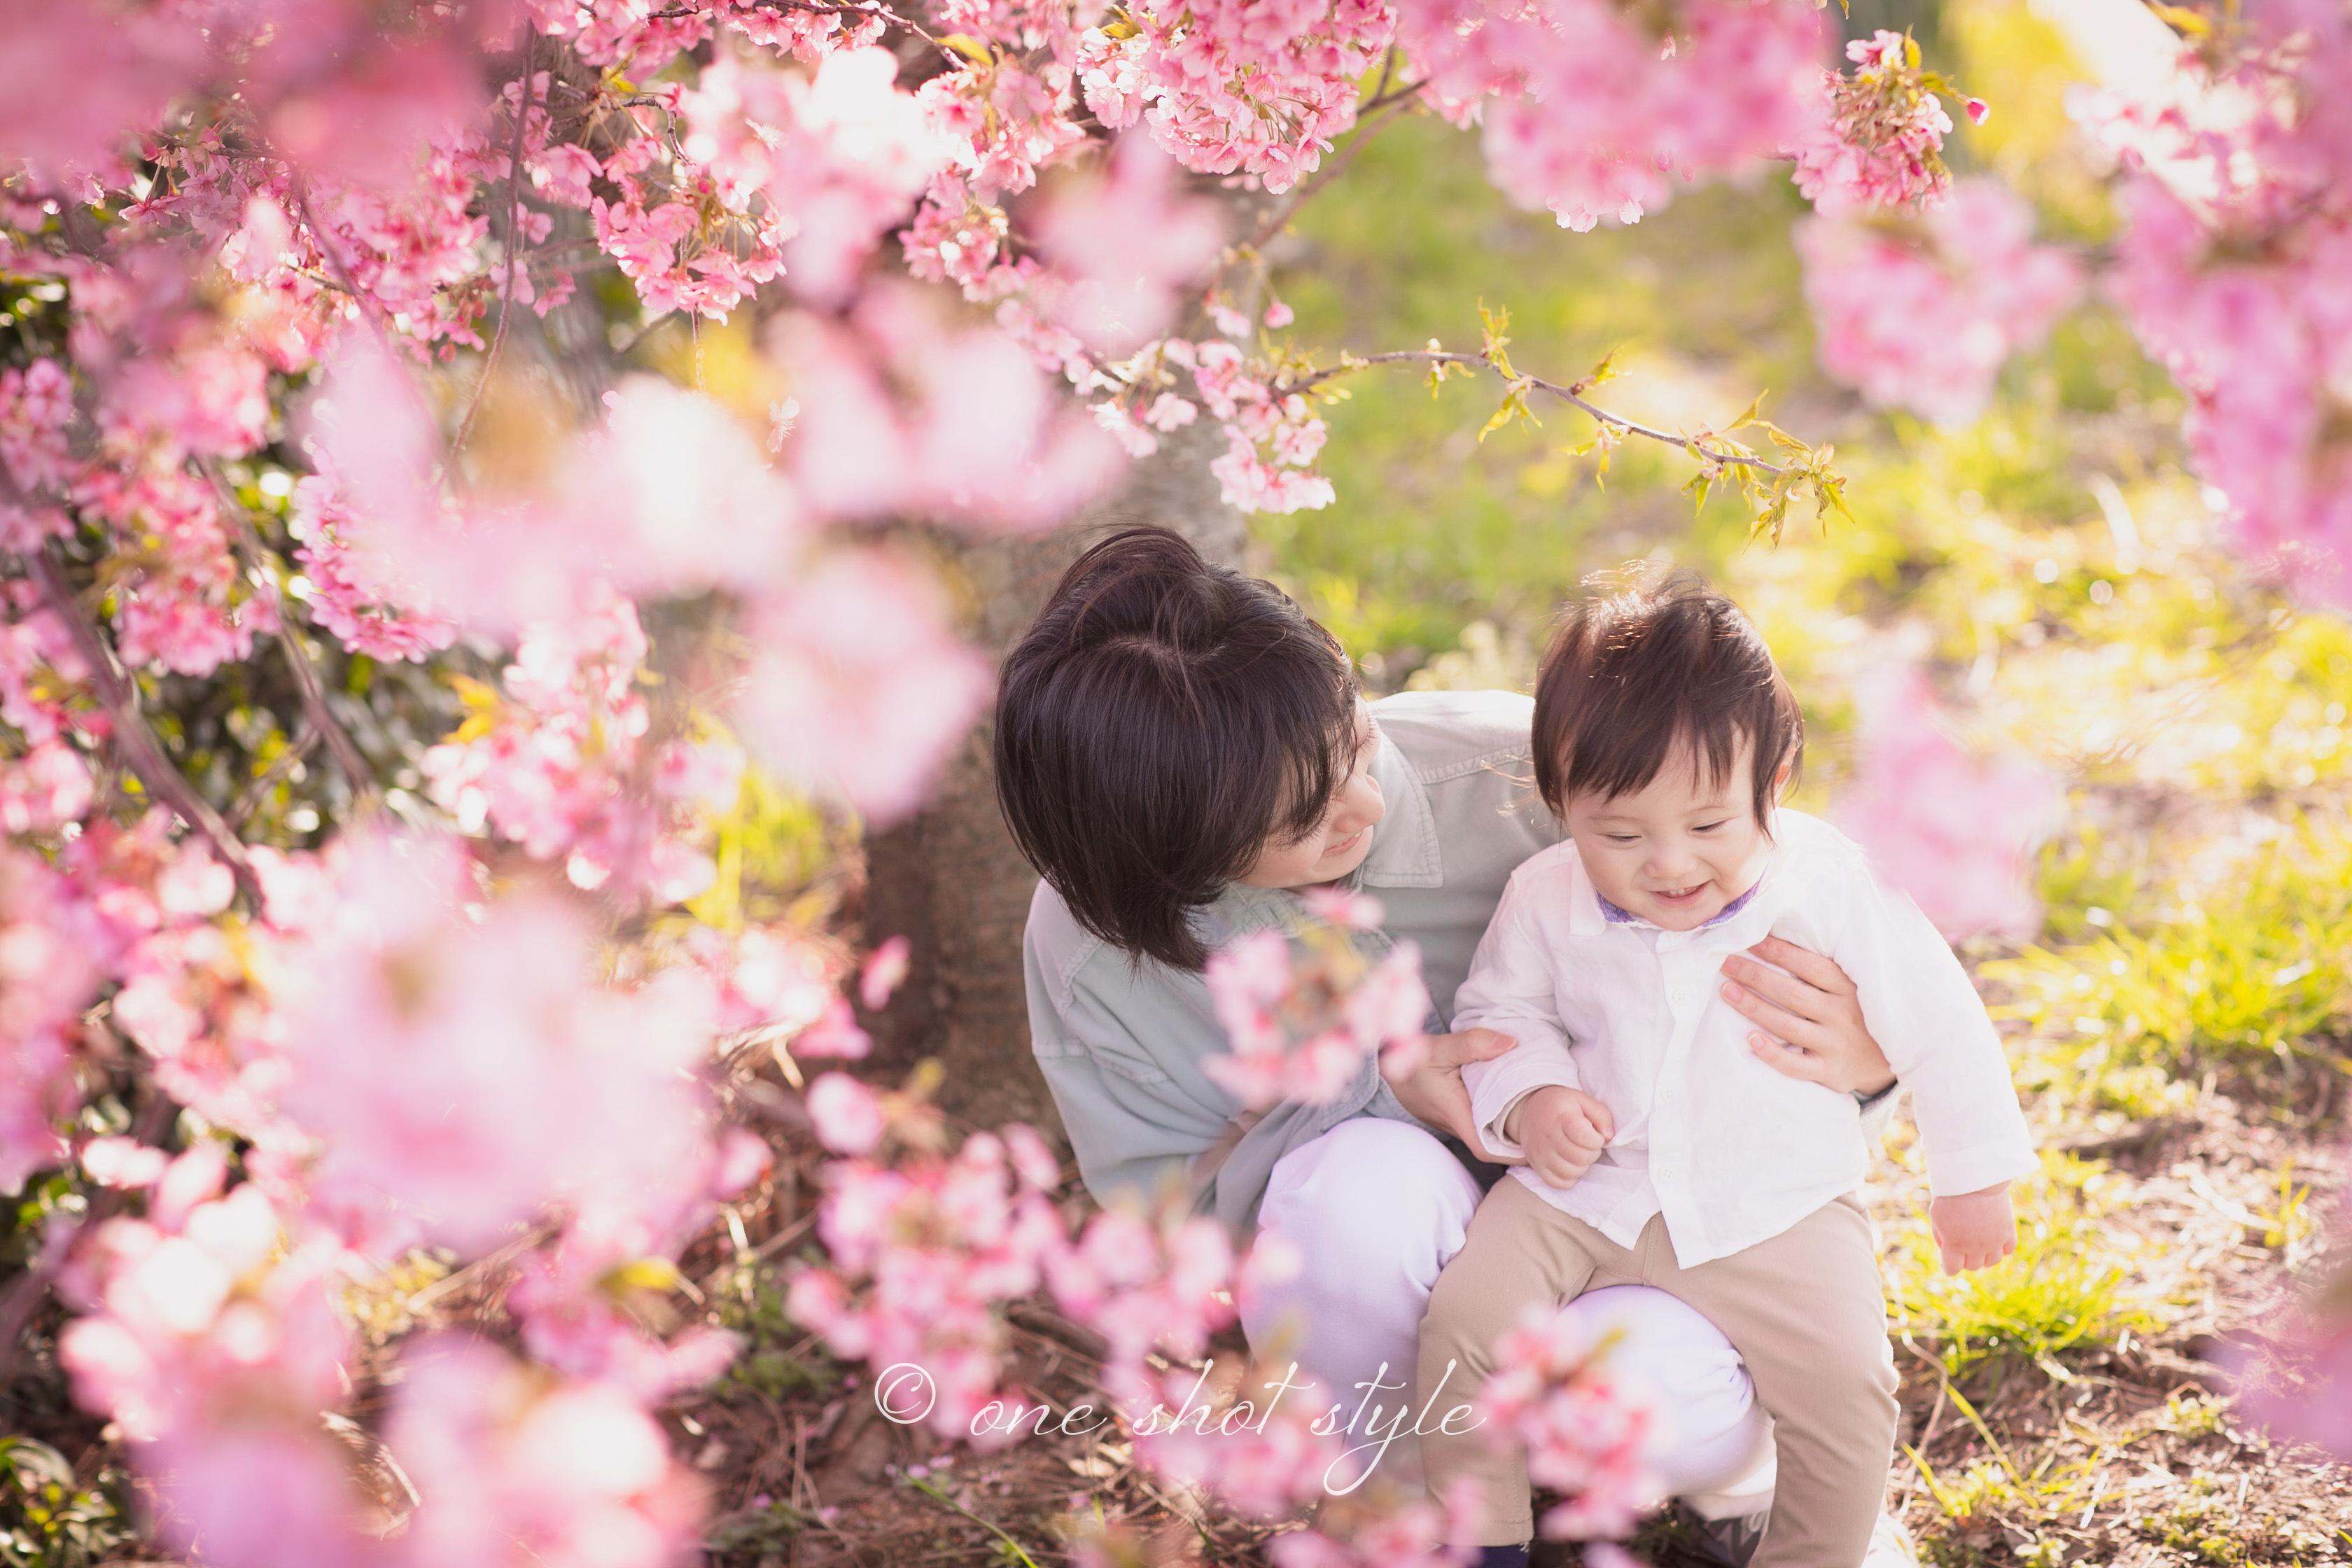 河津桜 愛知 名古屋 岡崎 撮影会 家族写真 ロケーションフォト